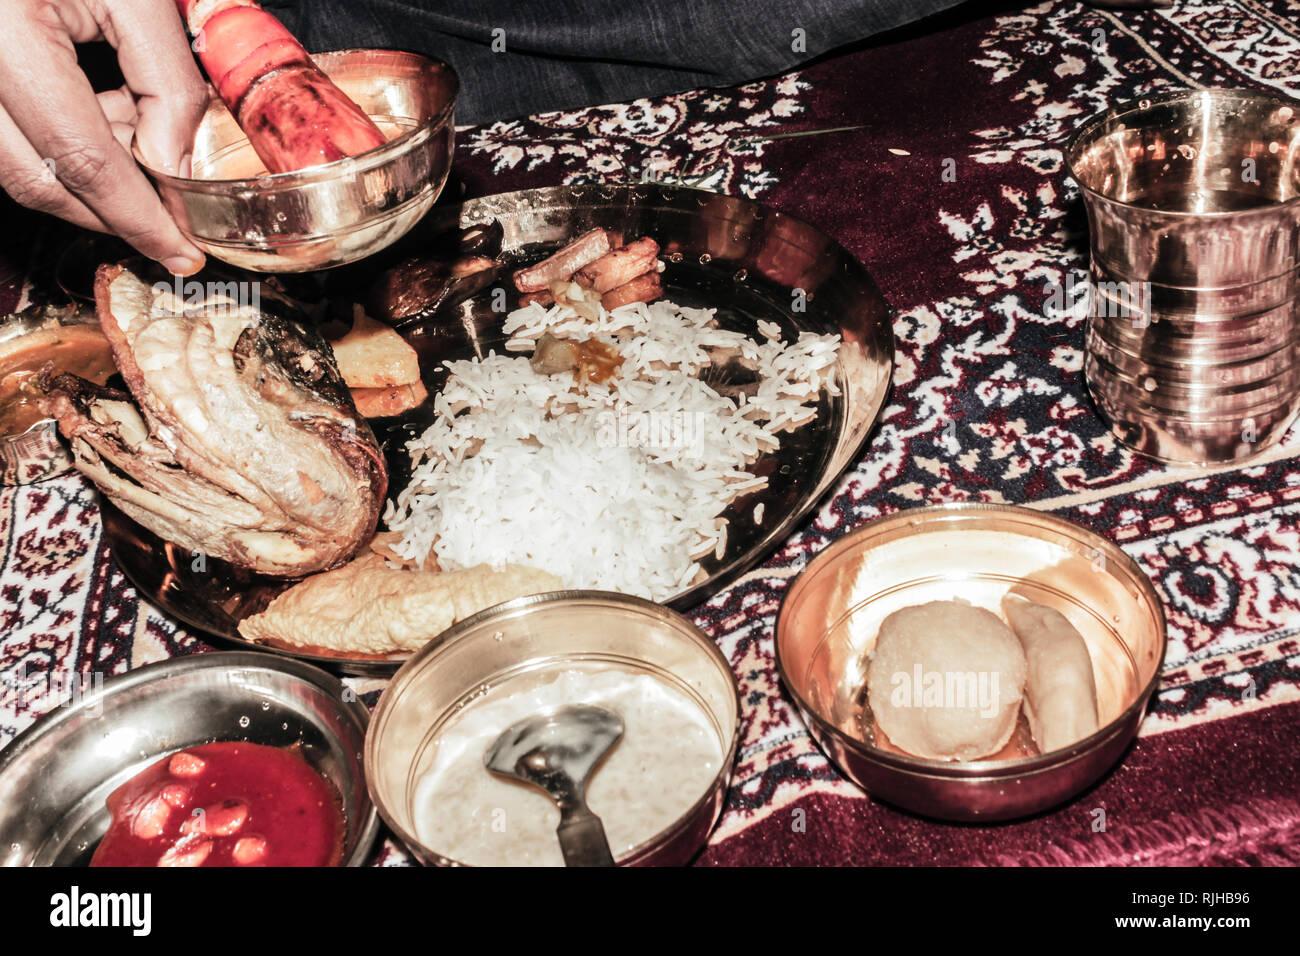 Bengali Food Stock Photos & Bengali Food Stock Images - Alamy